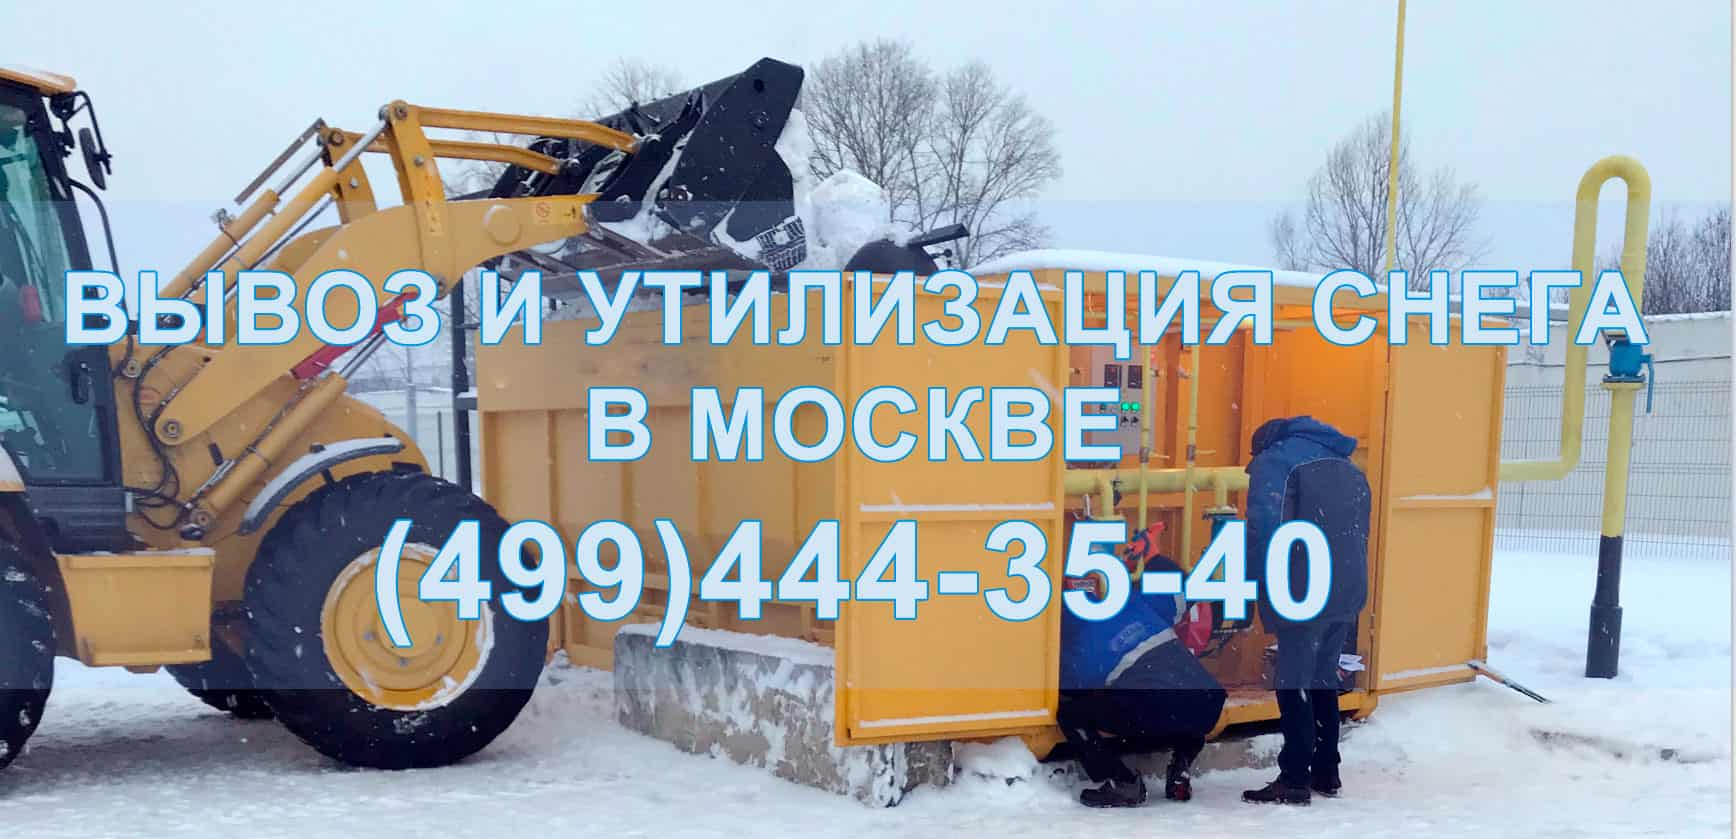 Механизированная уборка снега московская область